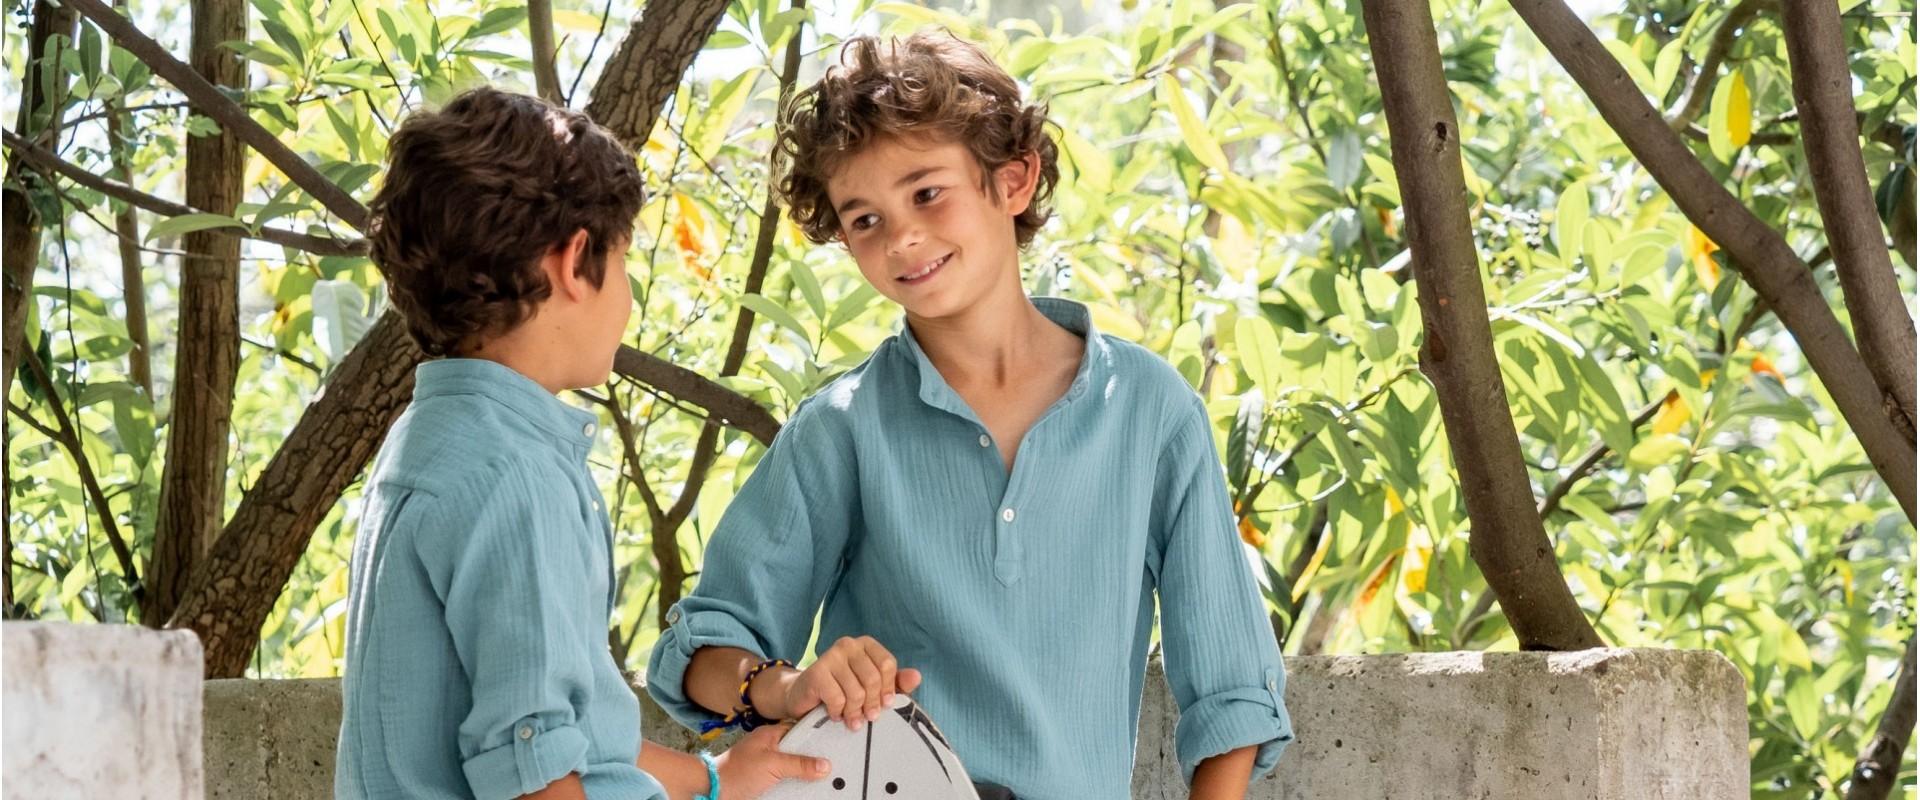 camisas y bañadores para niños